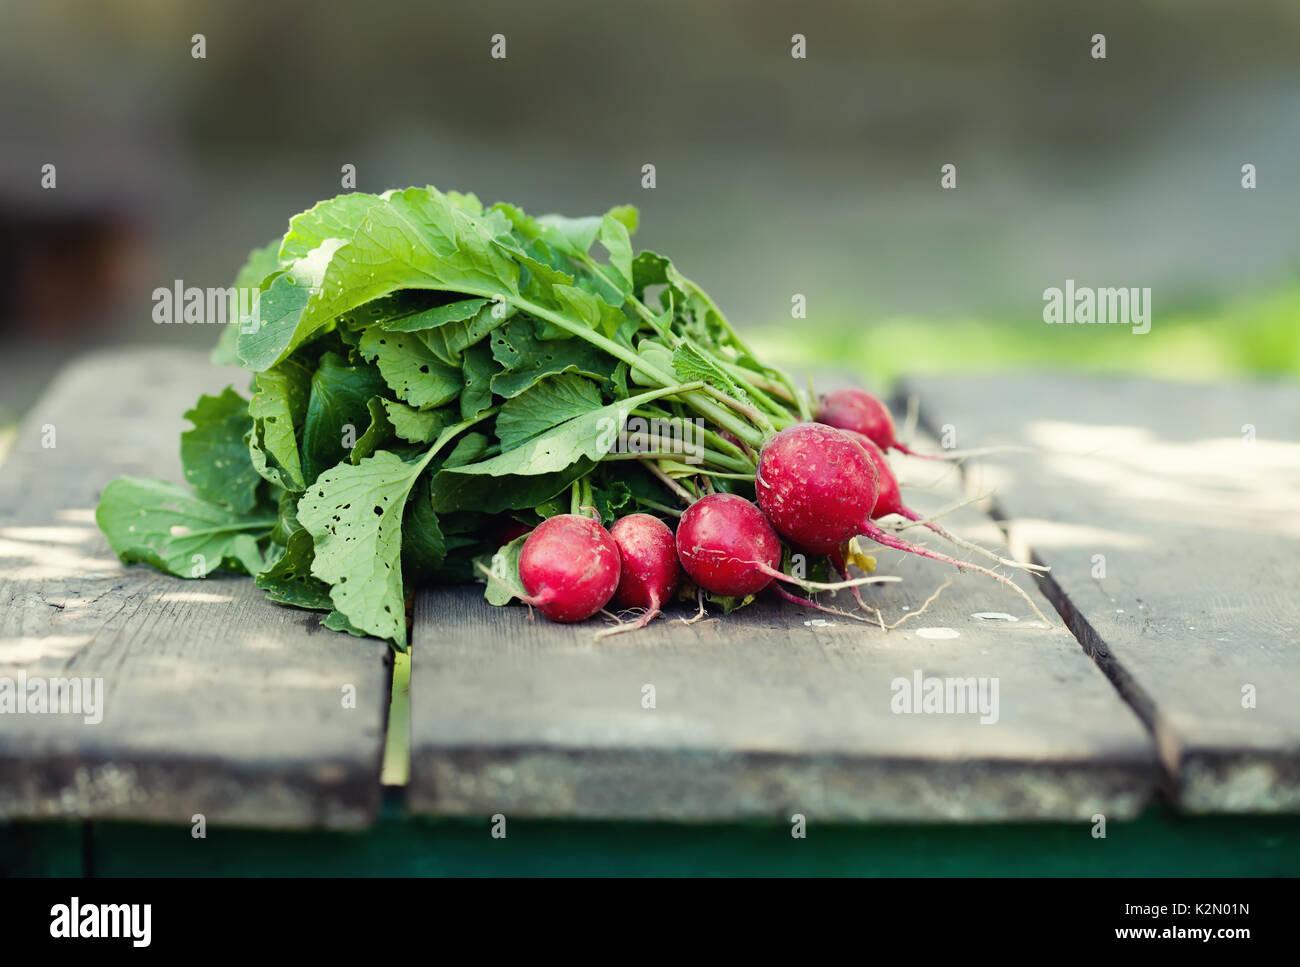 Radis mûrs sur fond de table en bois. L'alimentation de la vie des agriculteurs encore. Peu de profondeur champ, selective focus Photo Stock